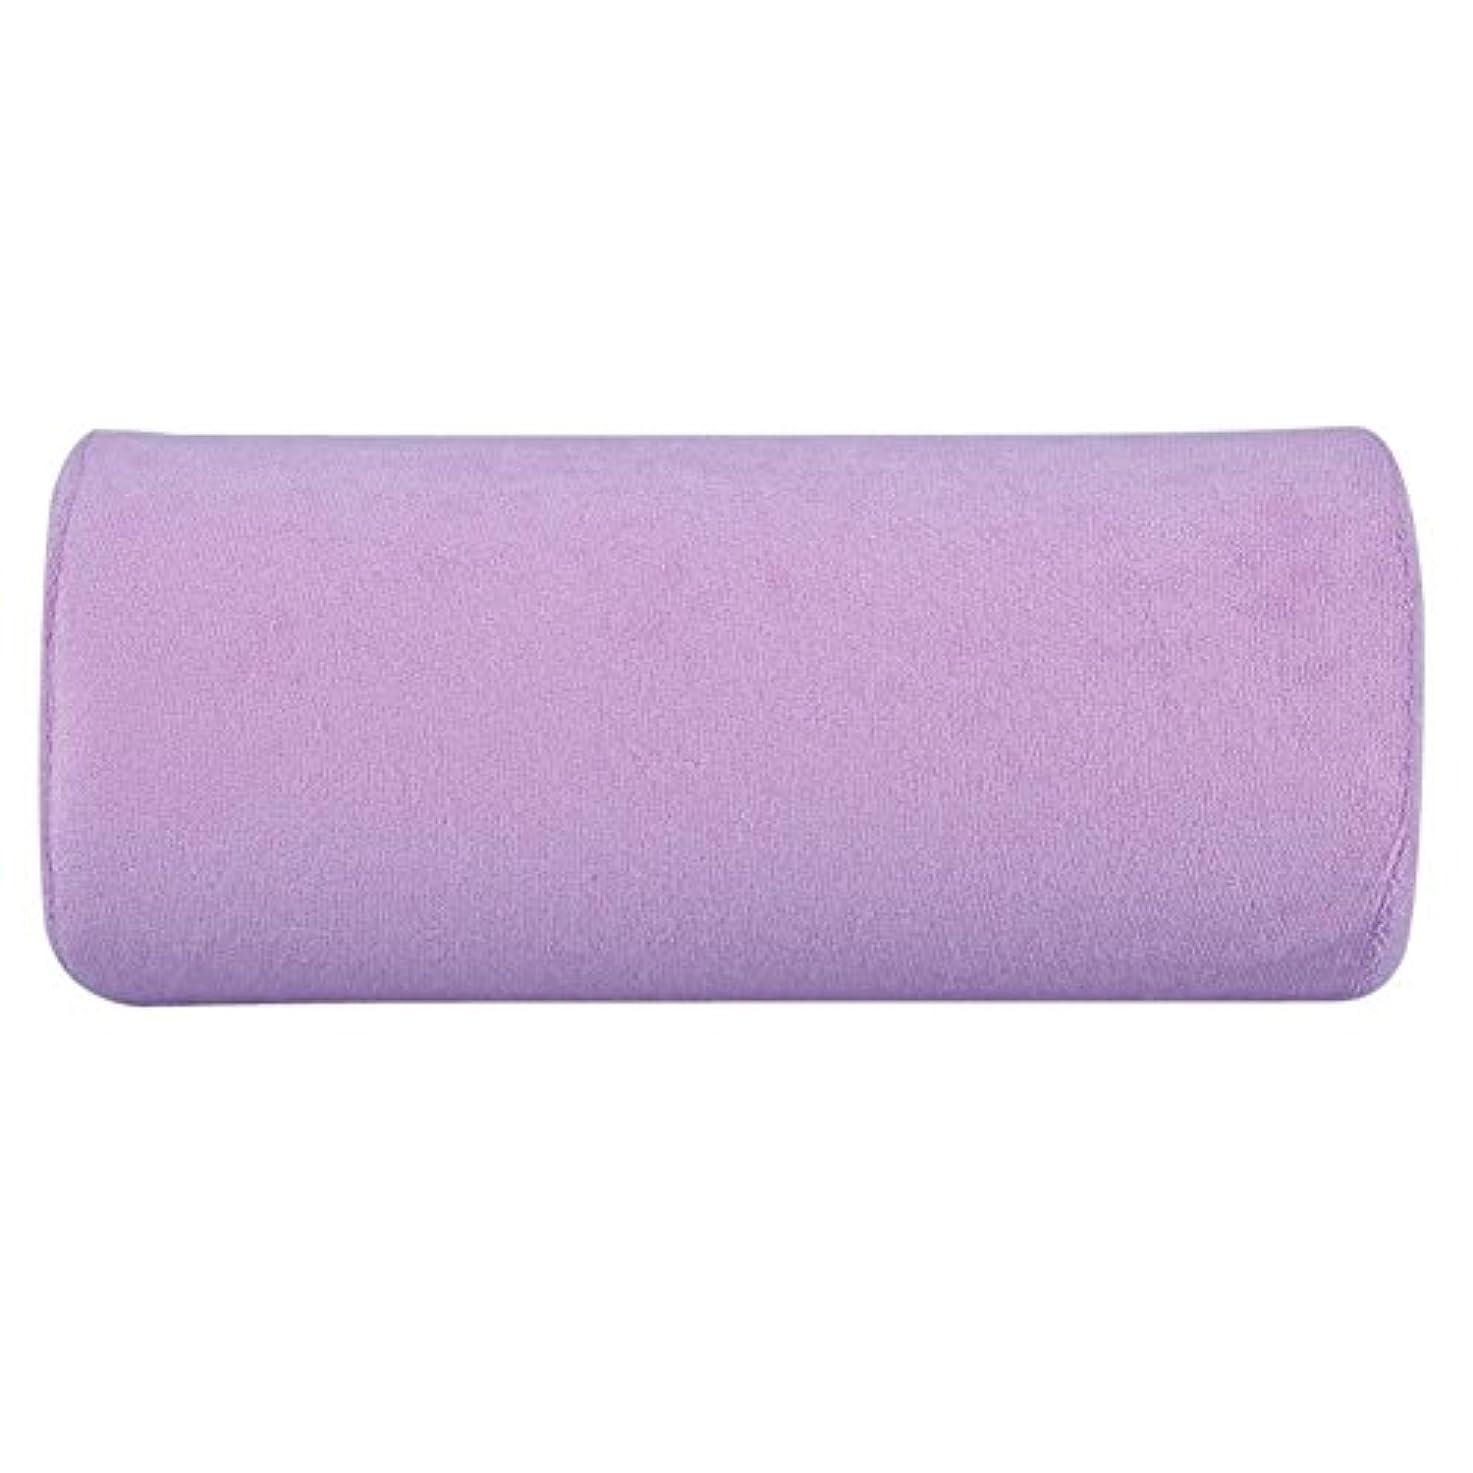 学校の先生ボタンラブdootiネイル用アームレスト 取り外し可能 洗える ハンドレストクッション ネイル ハンドクッション 10色 (02)